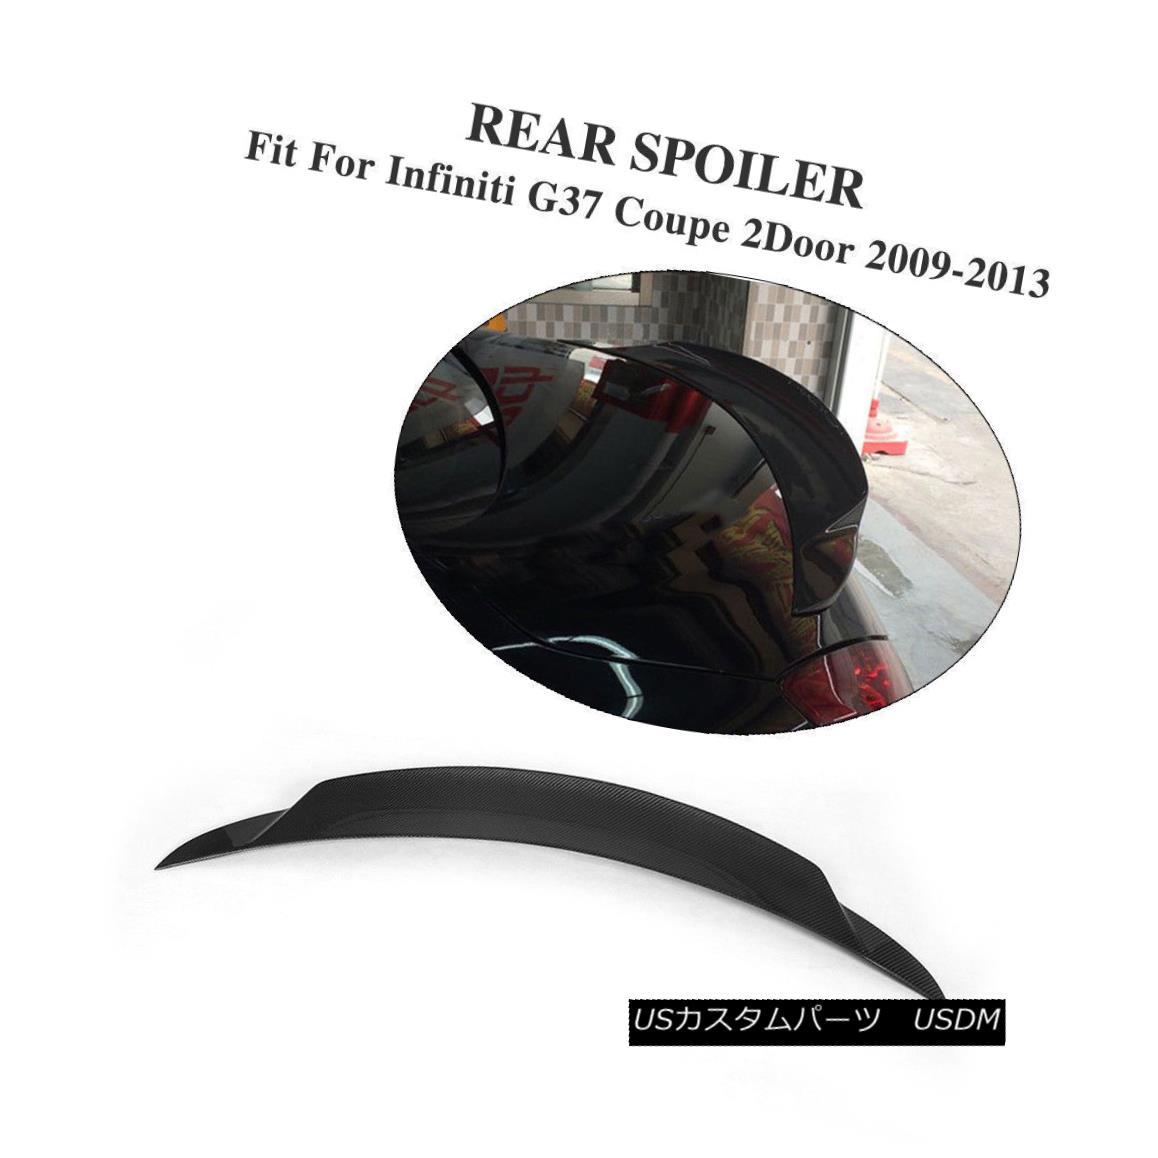 エアロパーツ Carbon Fiber Rear Trunk Spoiler Wing Lip Fit for Infiniti G37 2Door Coupe 09-13 カーボンファイバーリアトランクスポイラーウィングリップフィットインフィニティG37 2Door Coupe 09-13